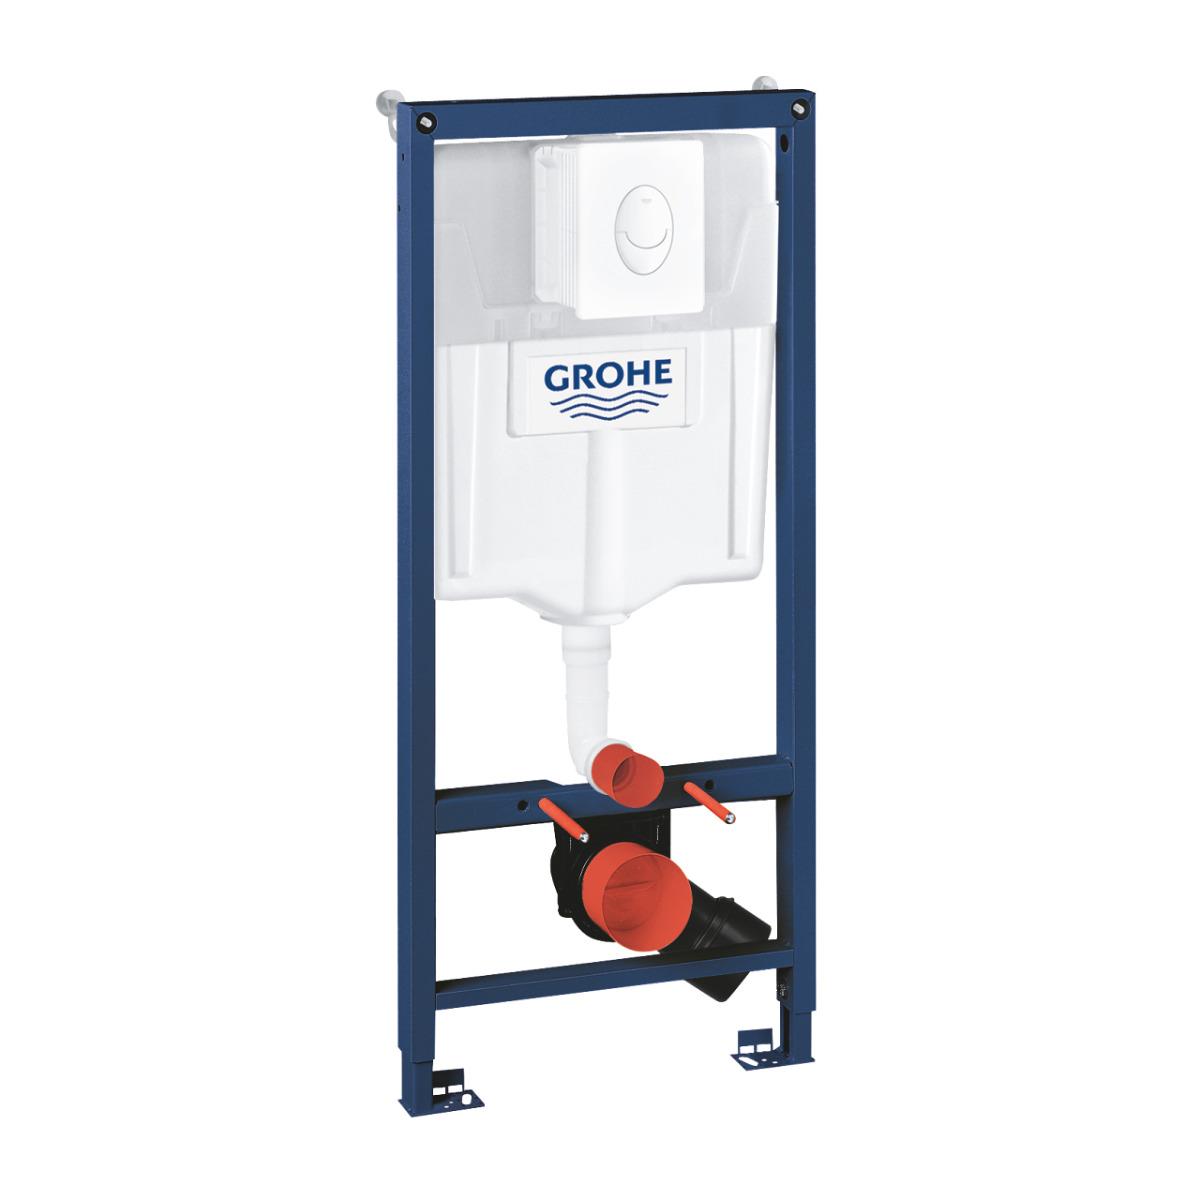 Rezervor wc Grohe Rapid SL set 3 in 1 placuta alba-38722001 imagine